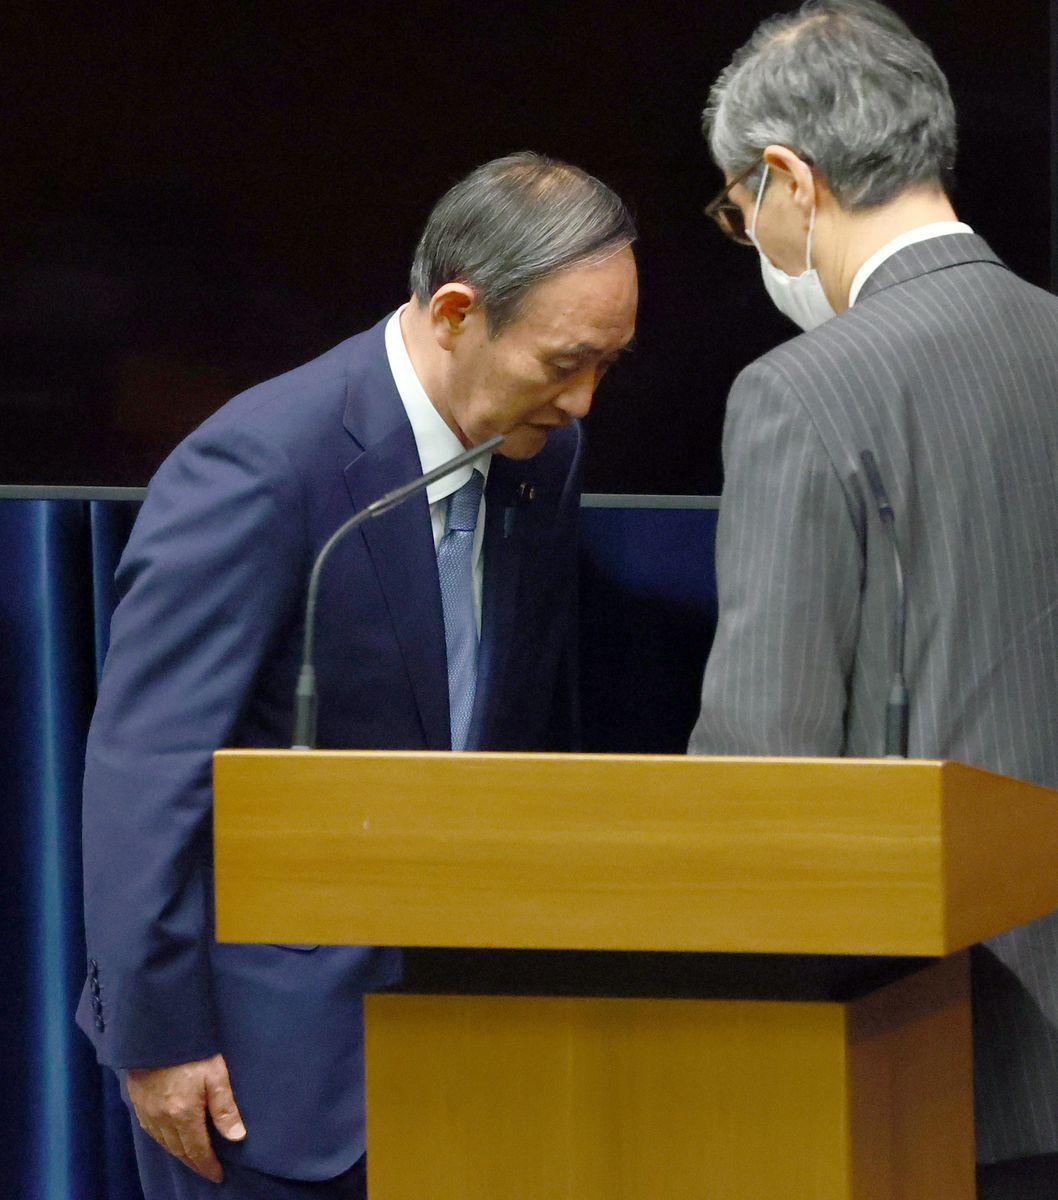 会見を終え降壇する菅義偉首相。右は政府分科会・尾身茂会長=30日午後、首相官邸(春名中撮影)